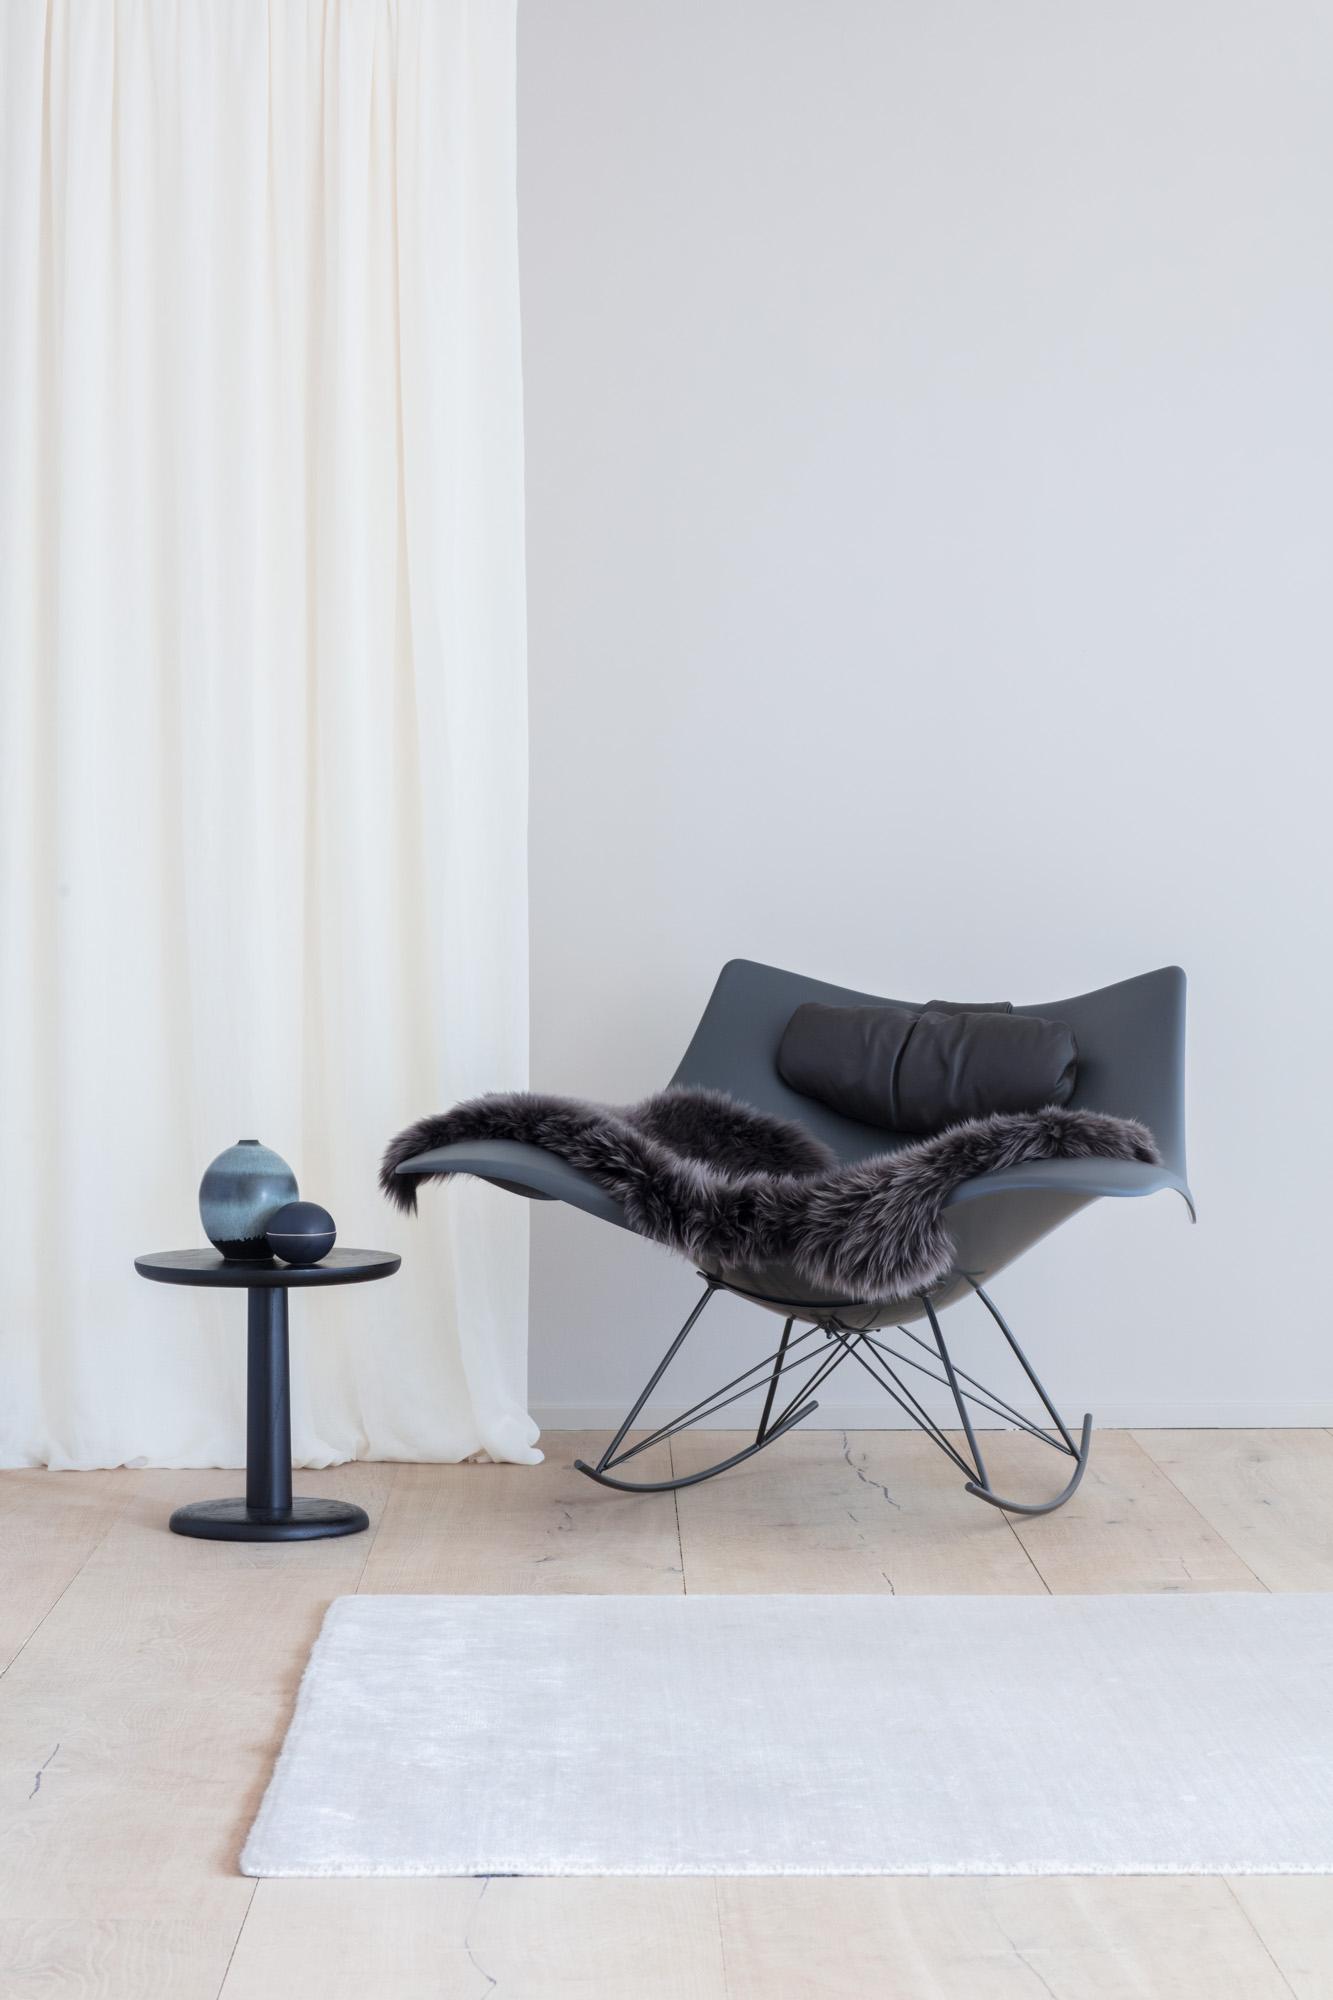 Fredericia_Furniture_19.09.17_9466-RT.jpg